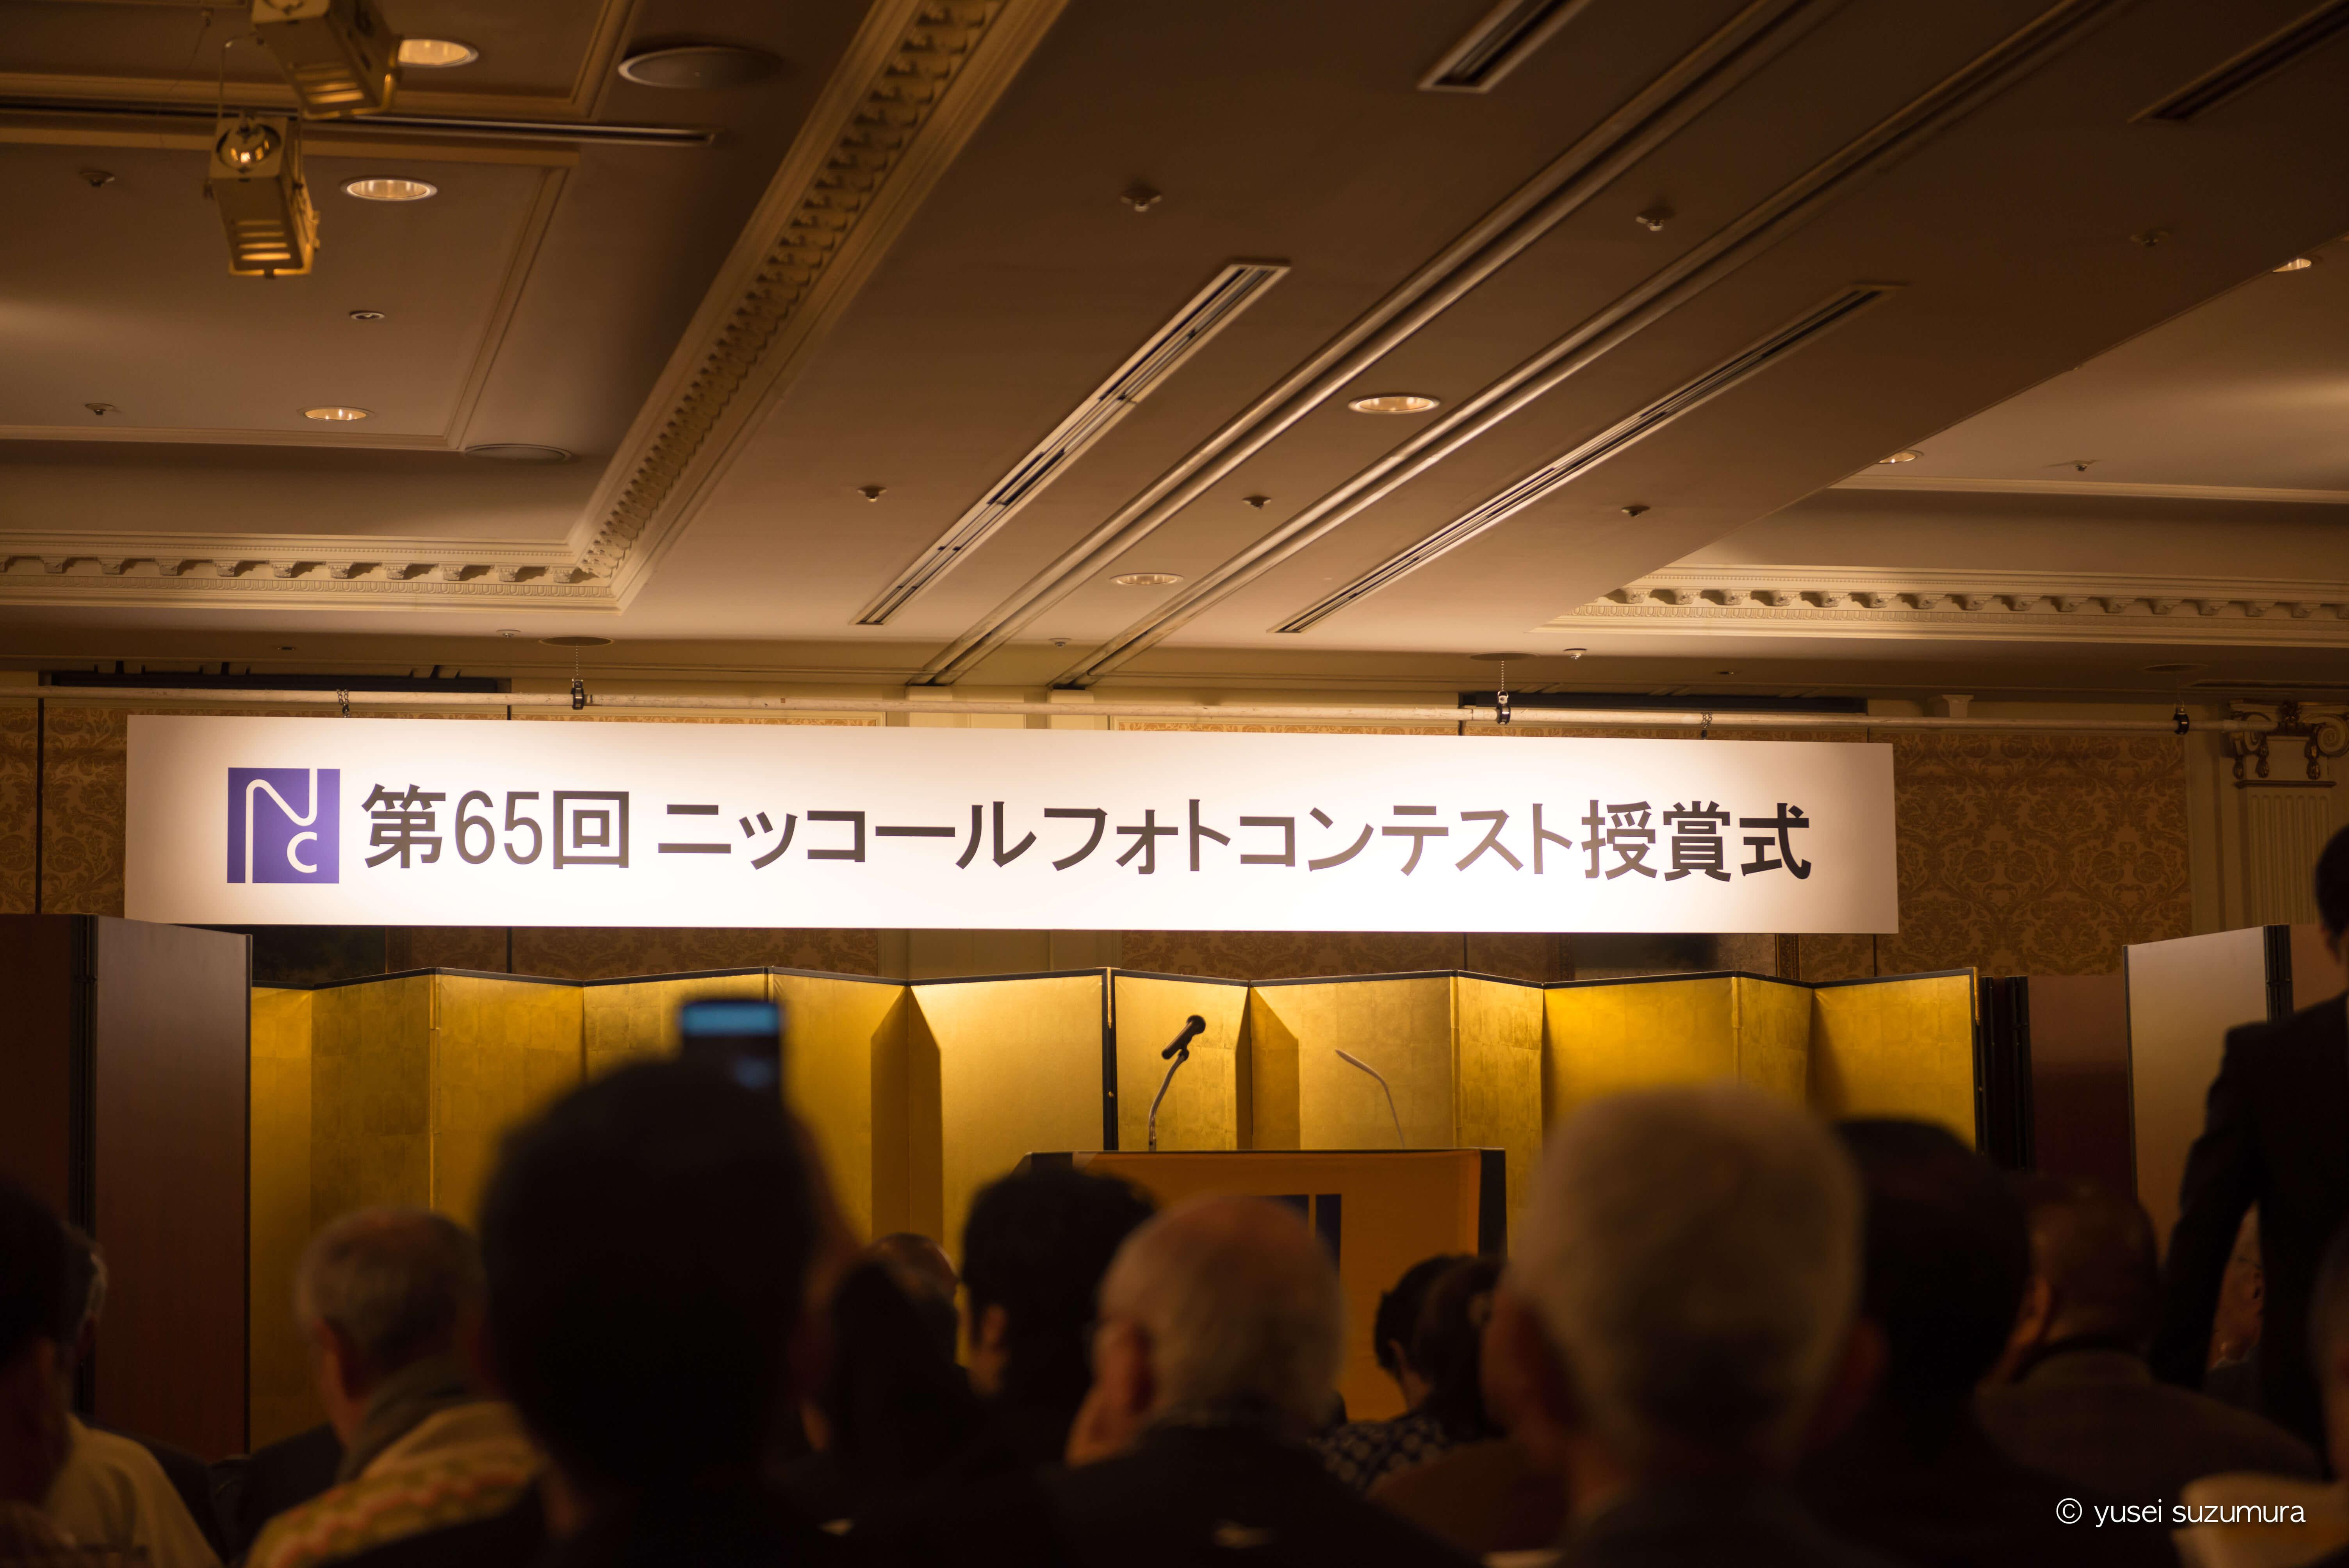 Nikon生誕100周年!第65回ニッコールフォトコンテストで入賞しました。